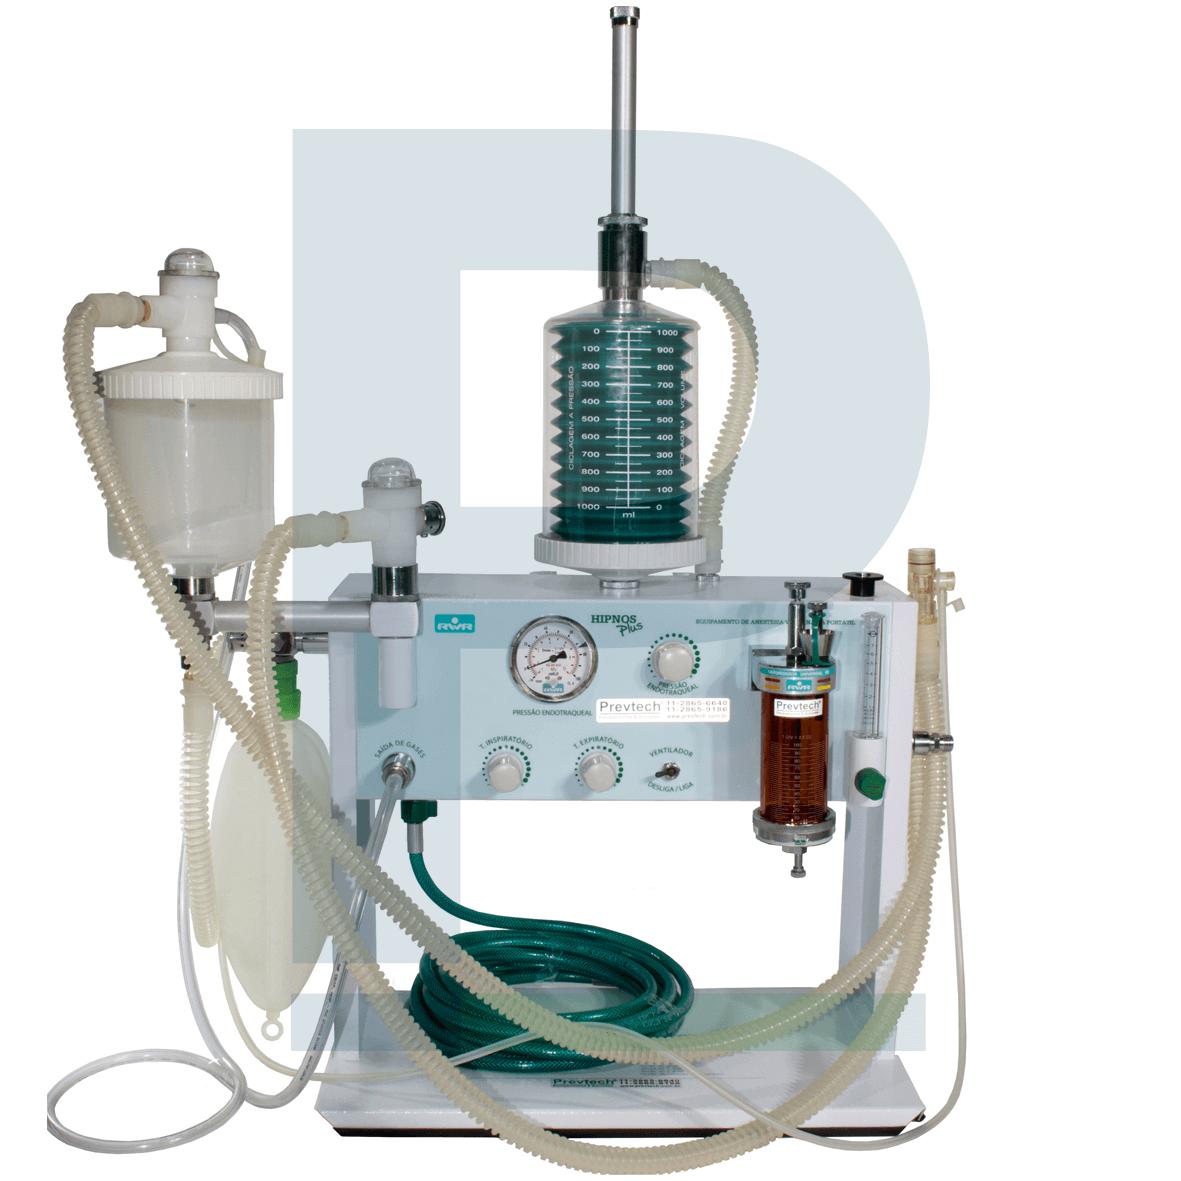 Aparelho de Anestesia Veterinária Hipnos Plus com Ventilador